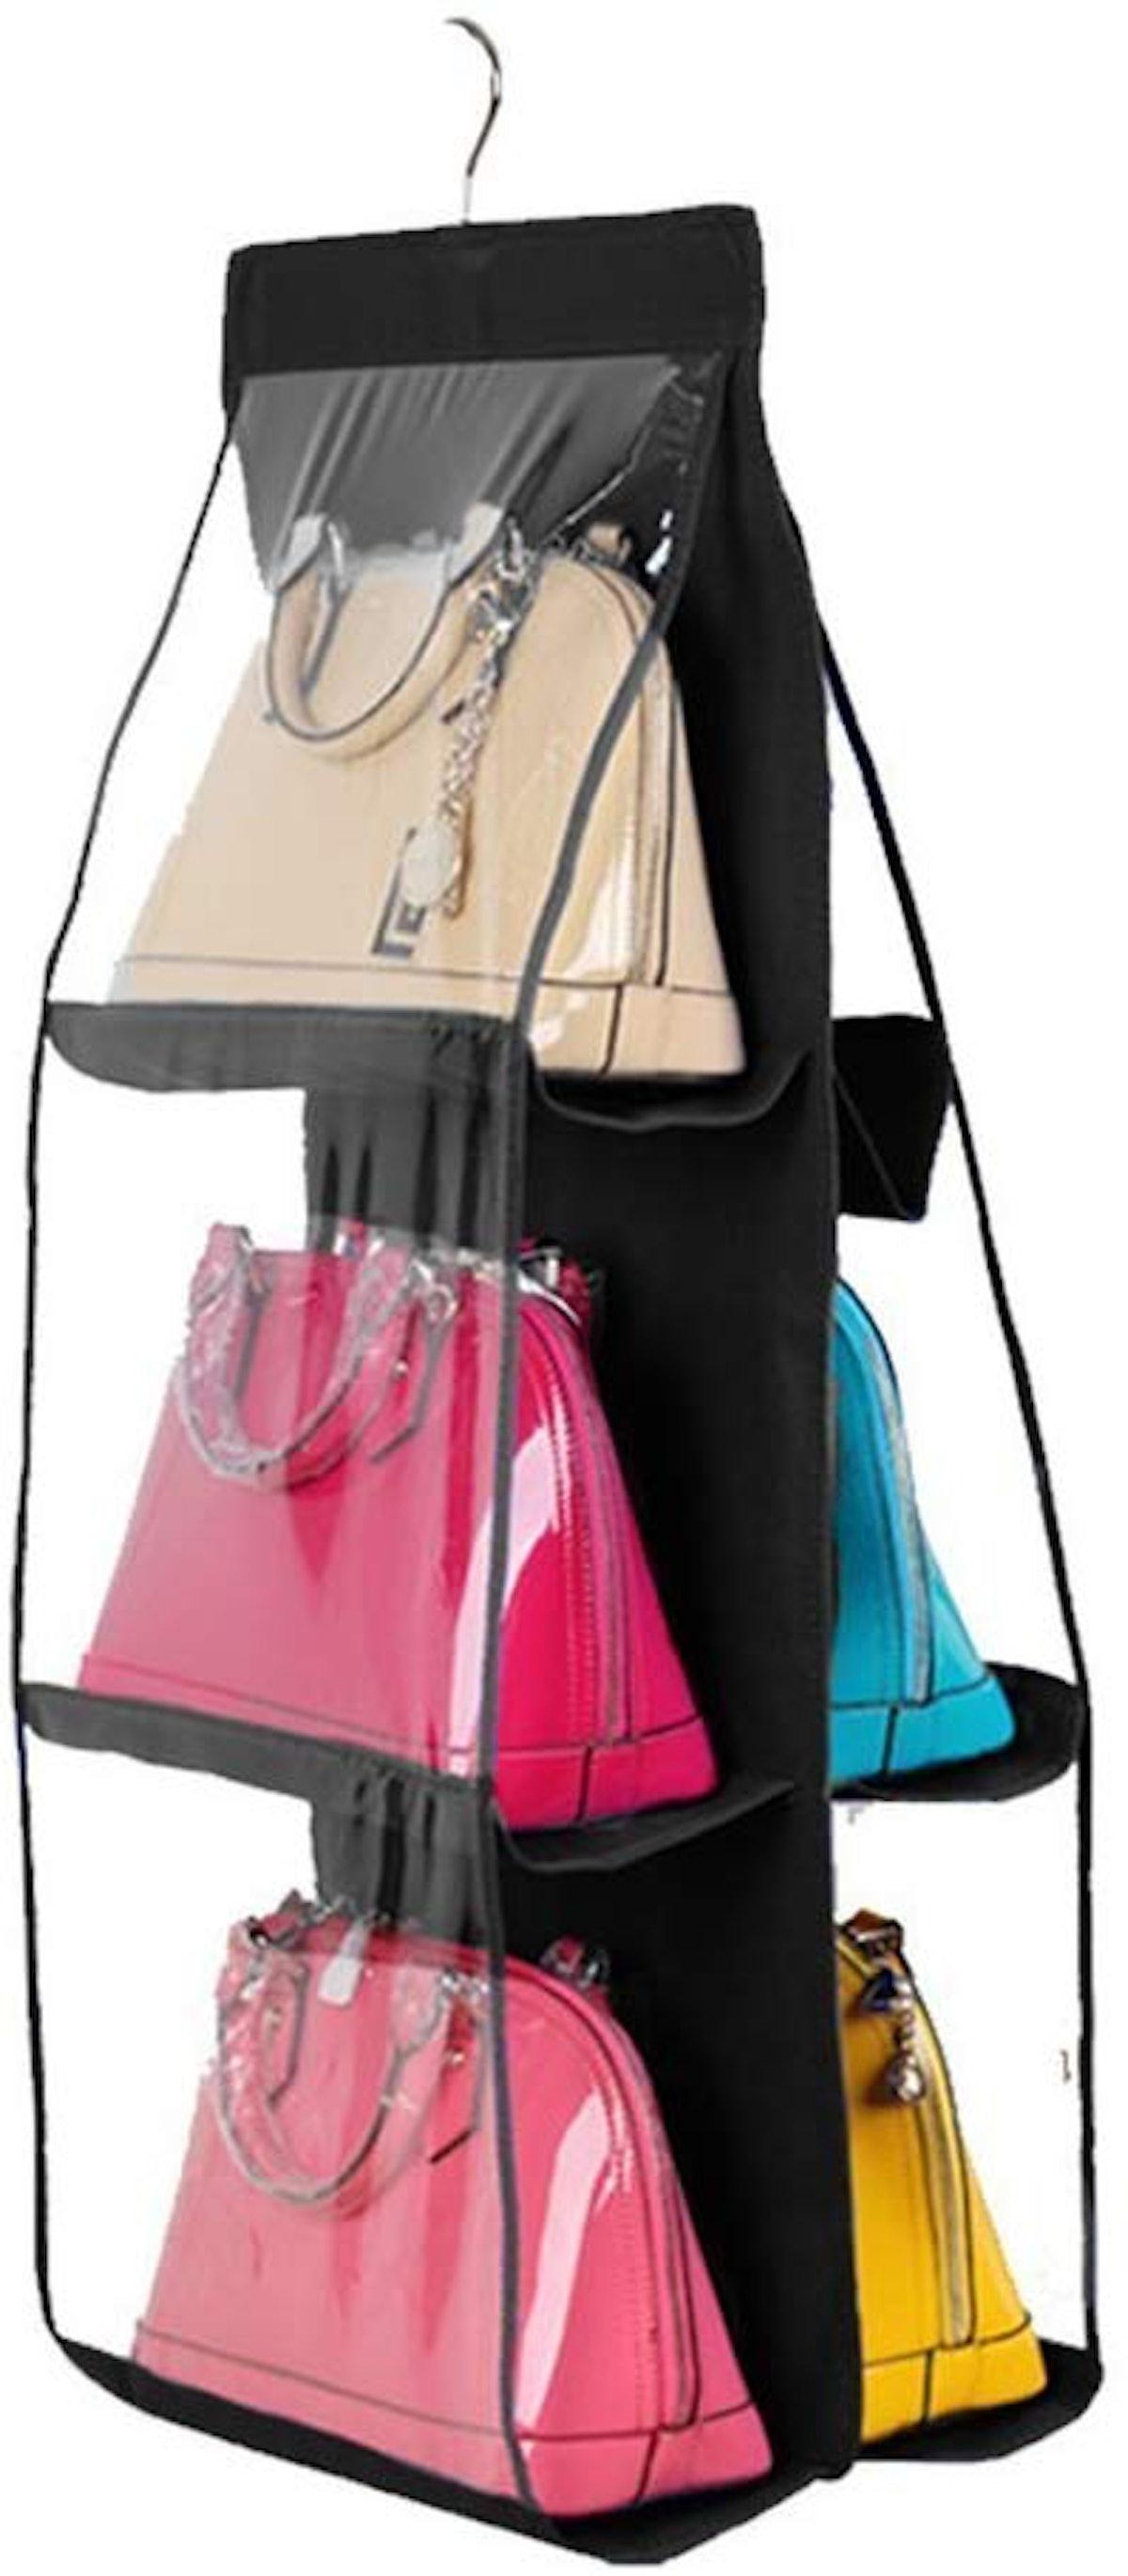 Geboor Hanging Handbag Organizer